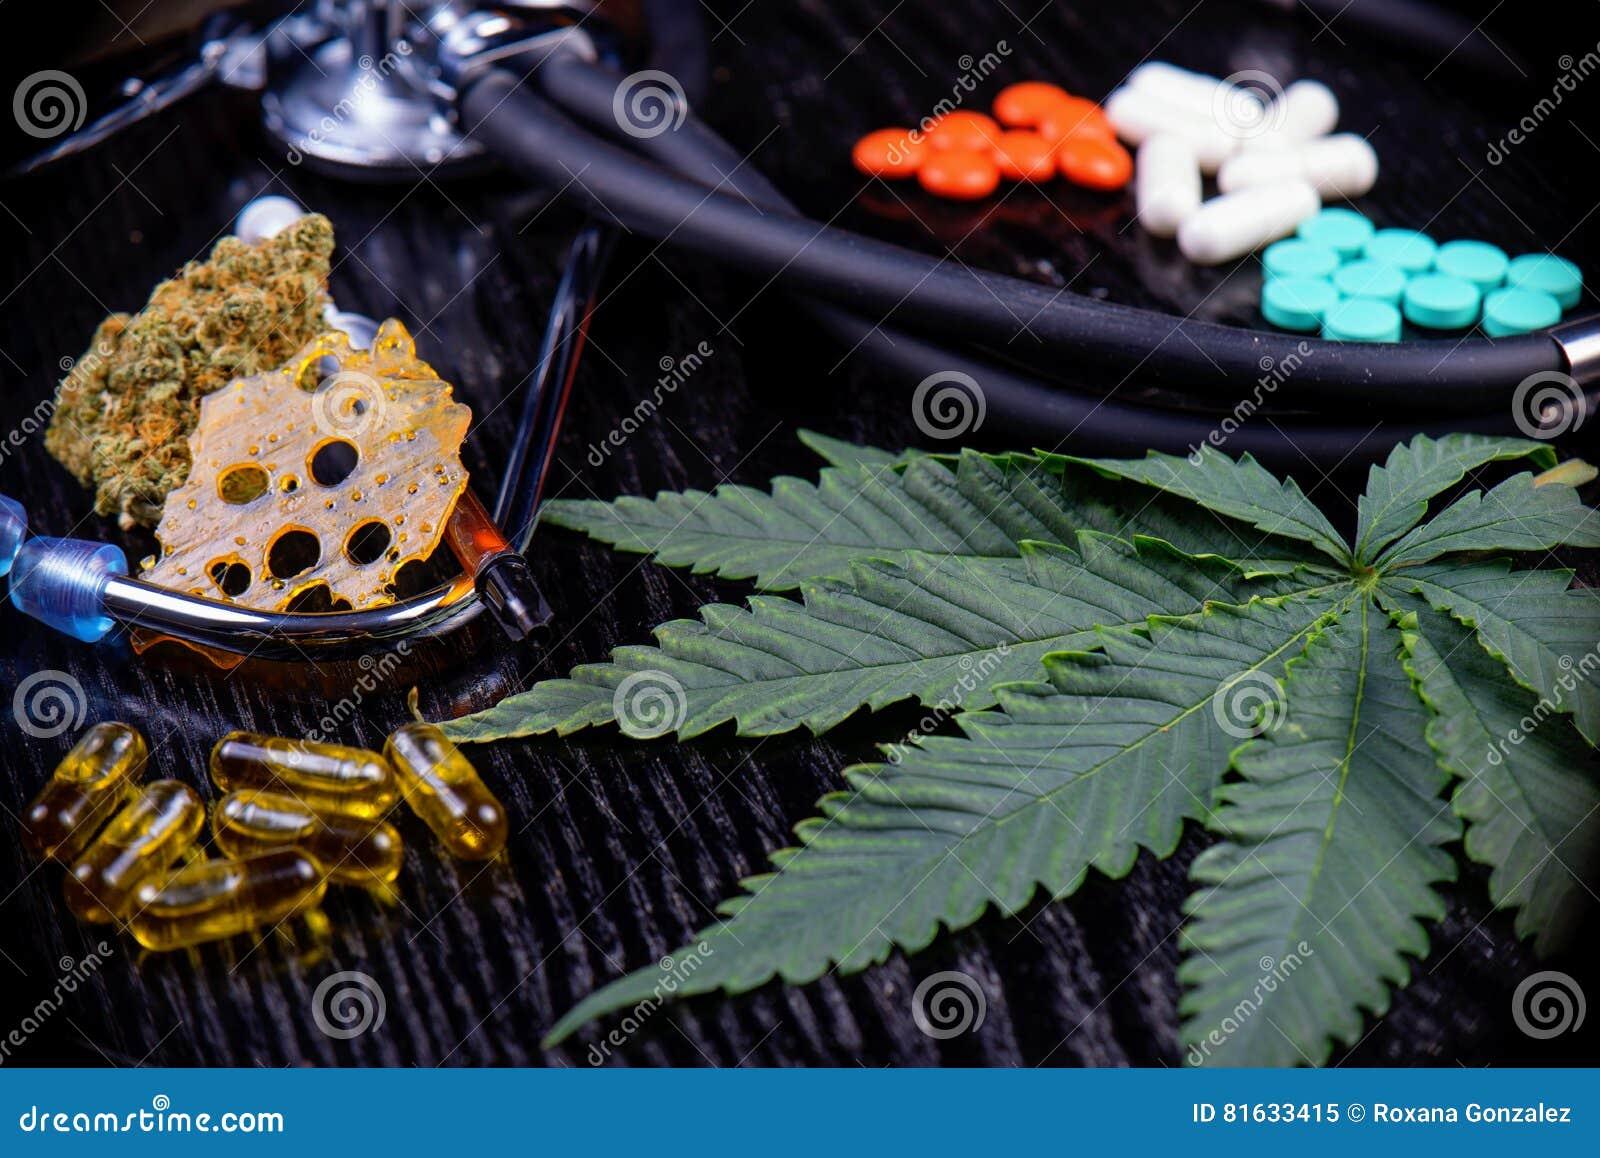 Το ιατρικό υπόβαθρο προϊόντων μαριχουάνα με το φύλλο, καταστρέφει, βλαστάνει